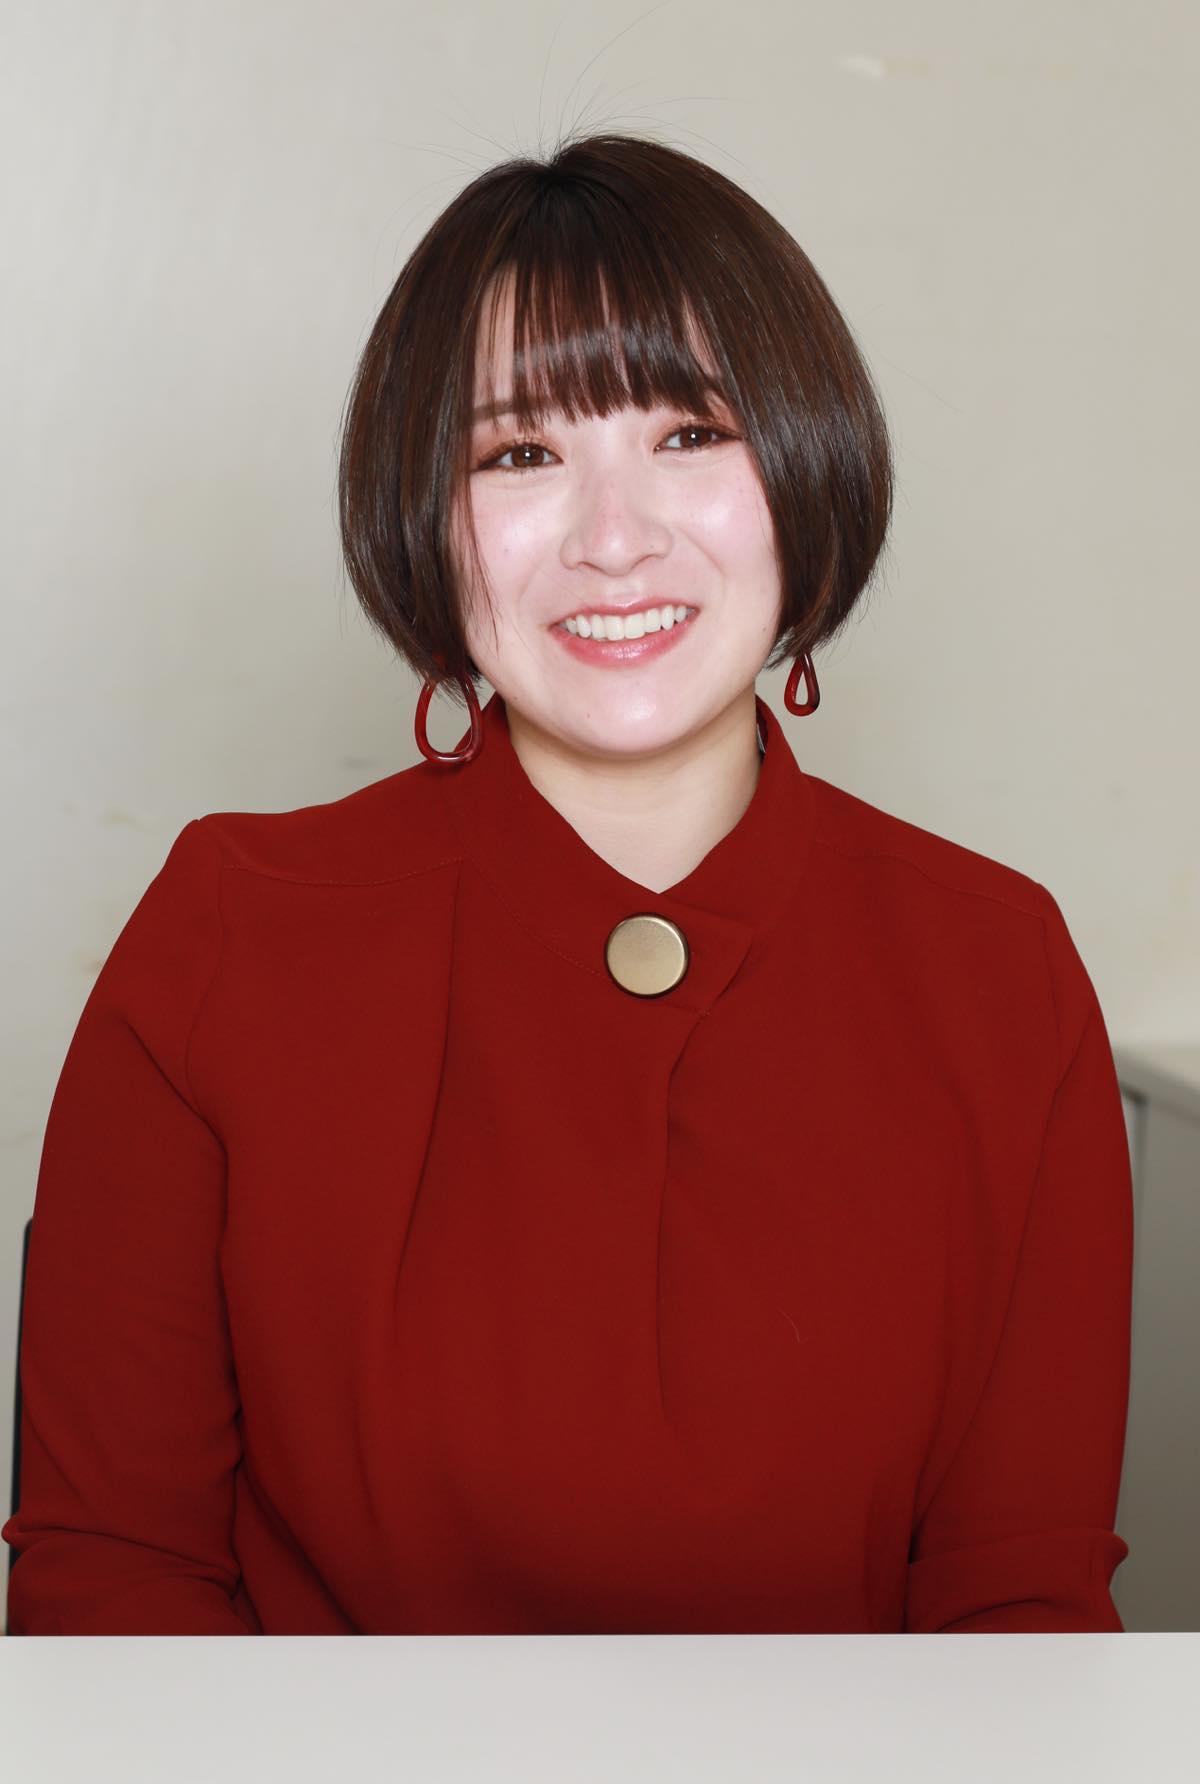 「105cmバスト」紺野栞の画像5